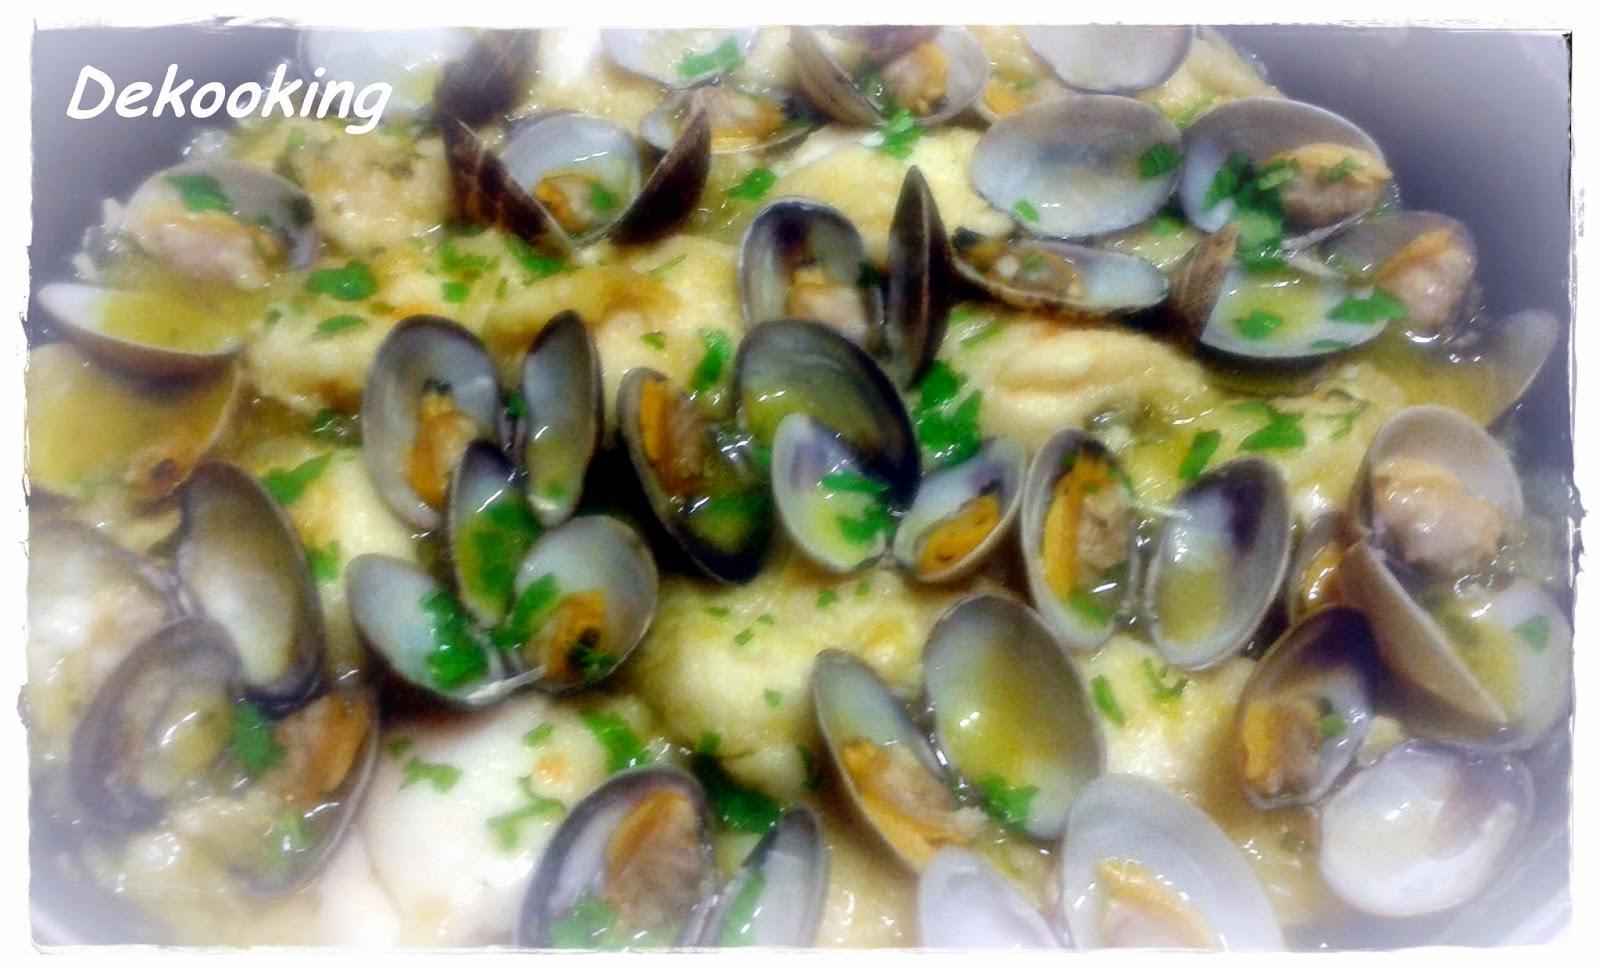 Dekooking carrilleras de bacalao con almejas en salsa verde - Salsa verde para almejas ...